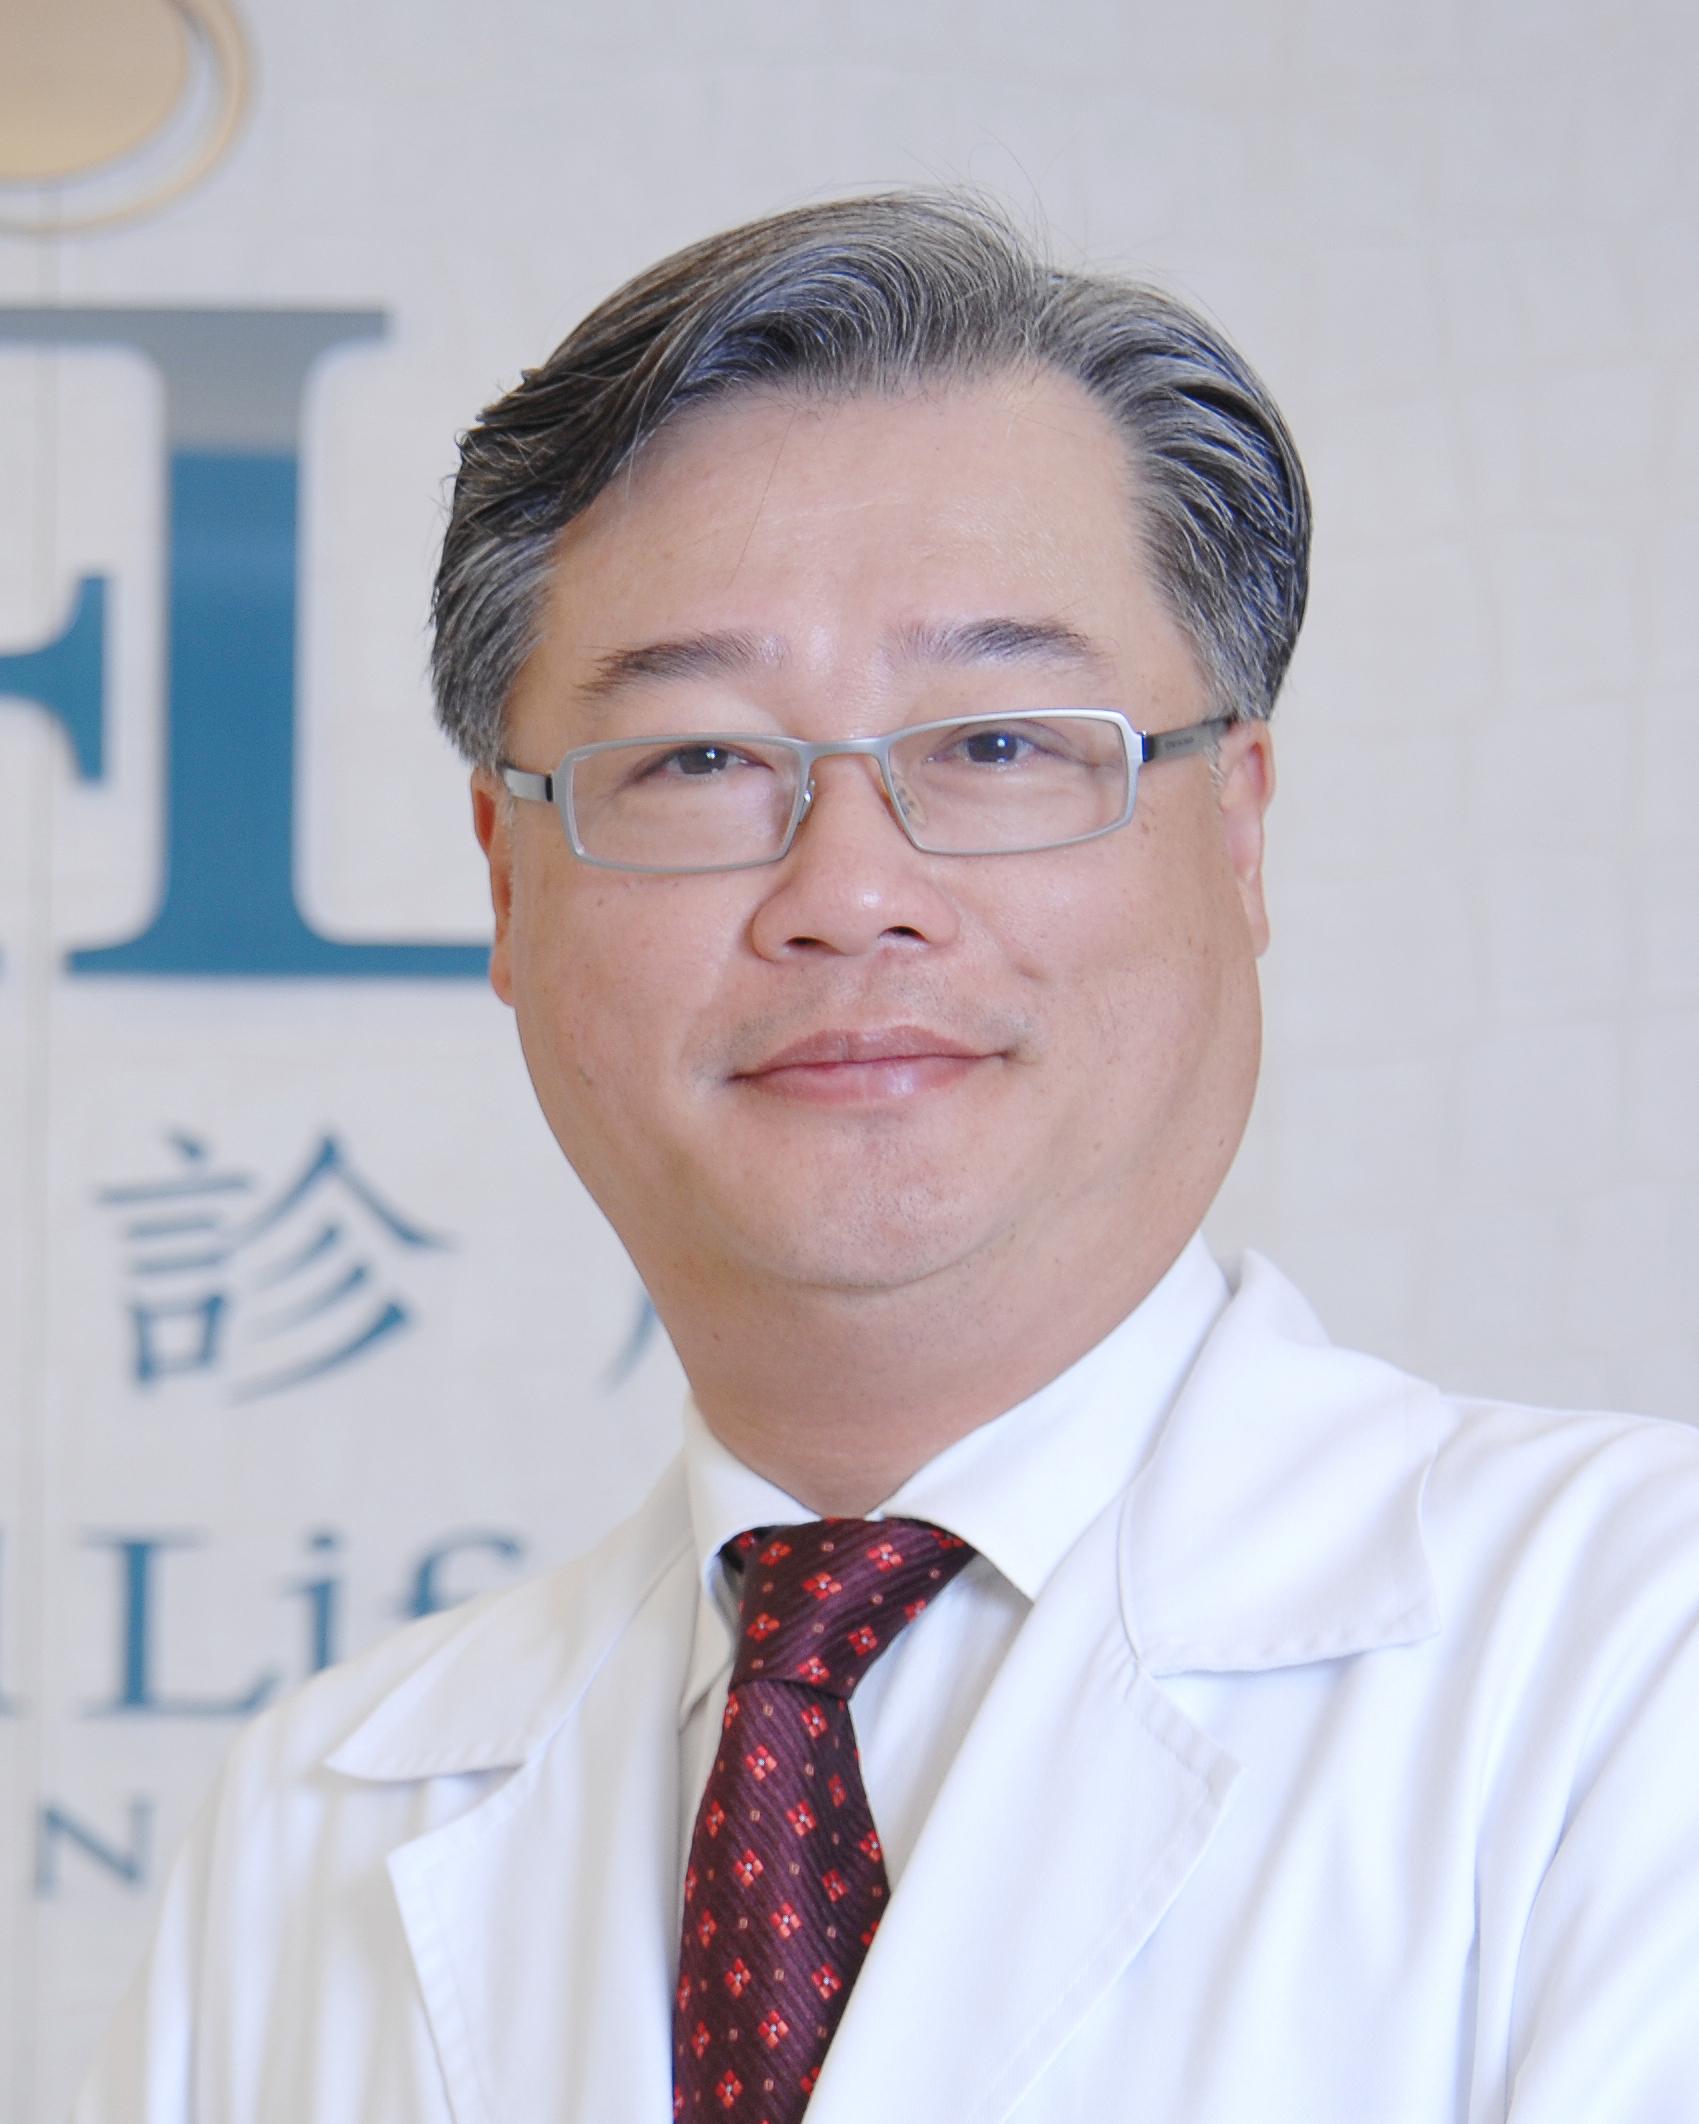 朱恆毅-穎奕生醫科技股份有限公司總經理、積極擴大幹細胞的臨床應用